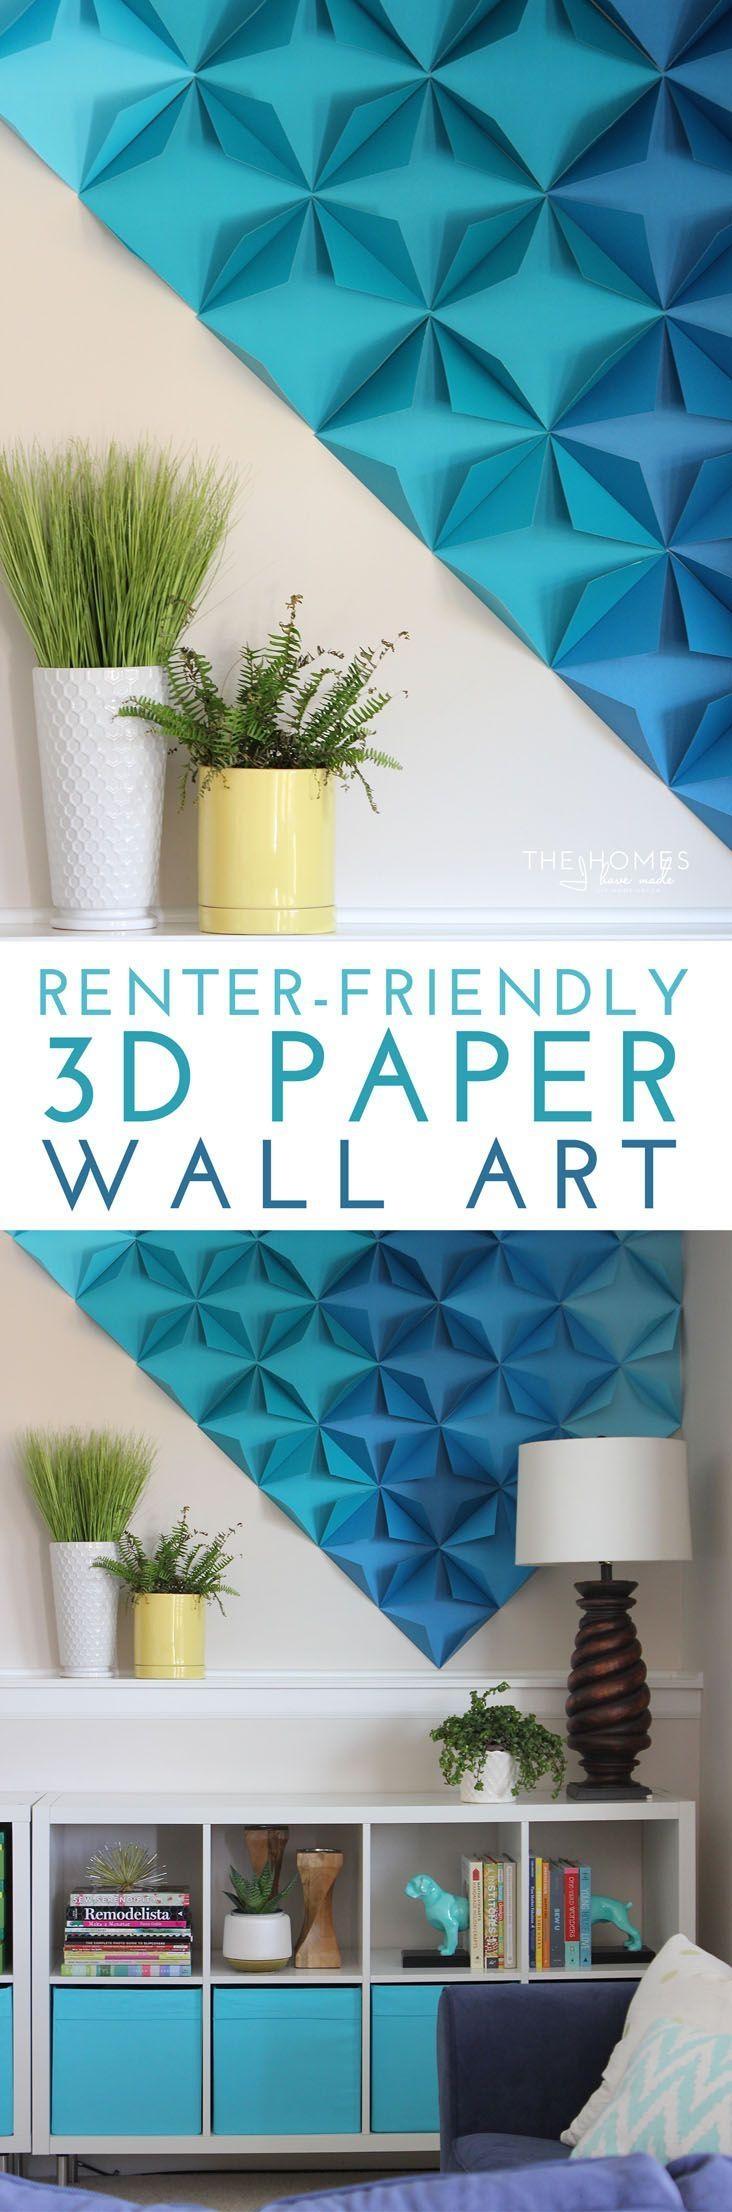 Best 25+ 3D Wall Art Ideas On Pinterest | Paper Wall Art, Paper Inside Blue And Cream Wall Art (Image 6 of 20)